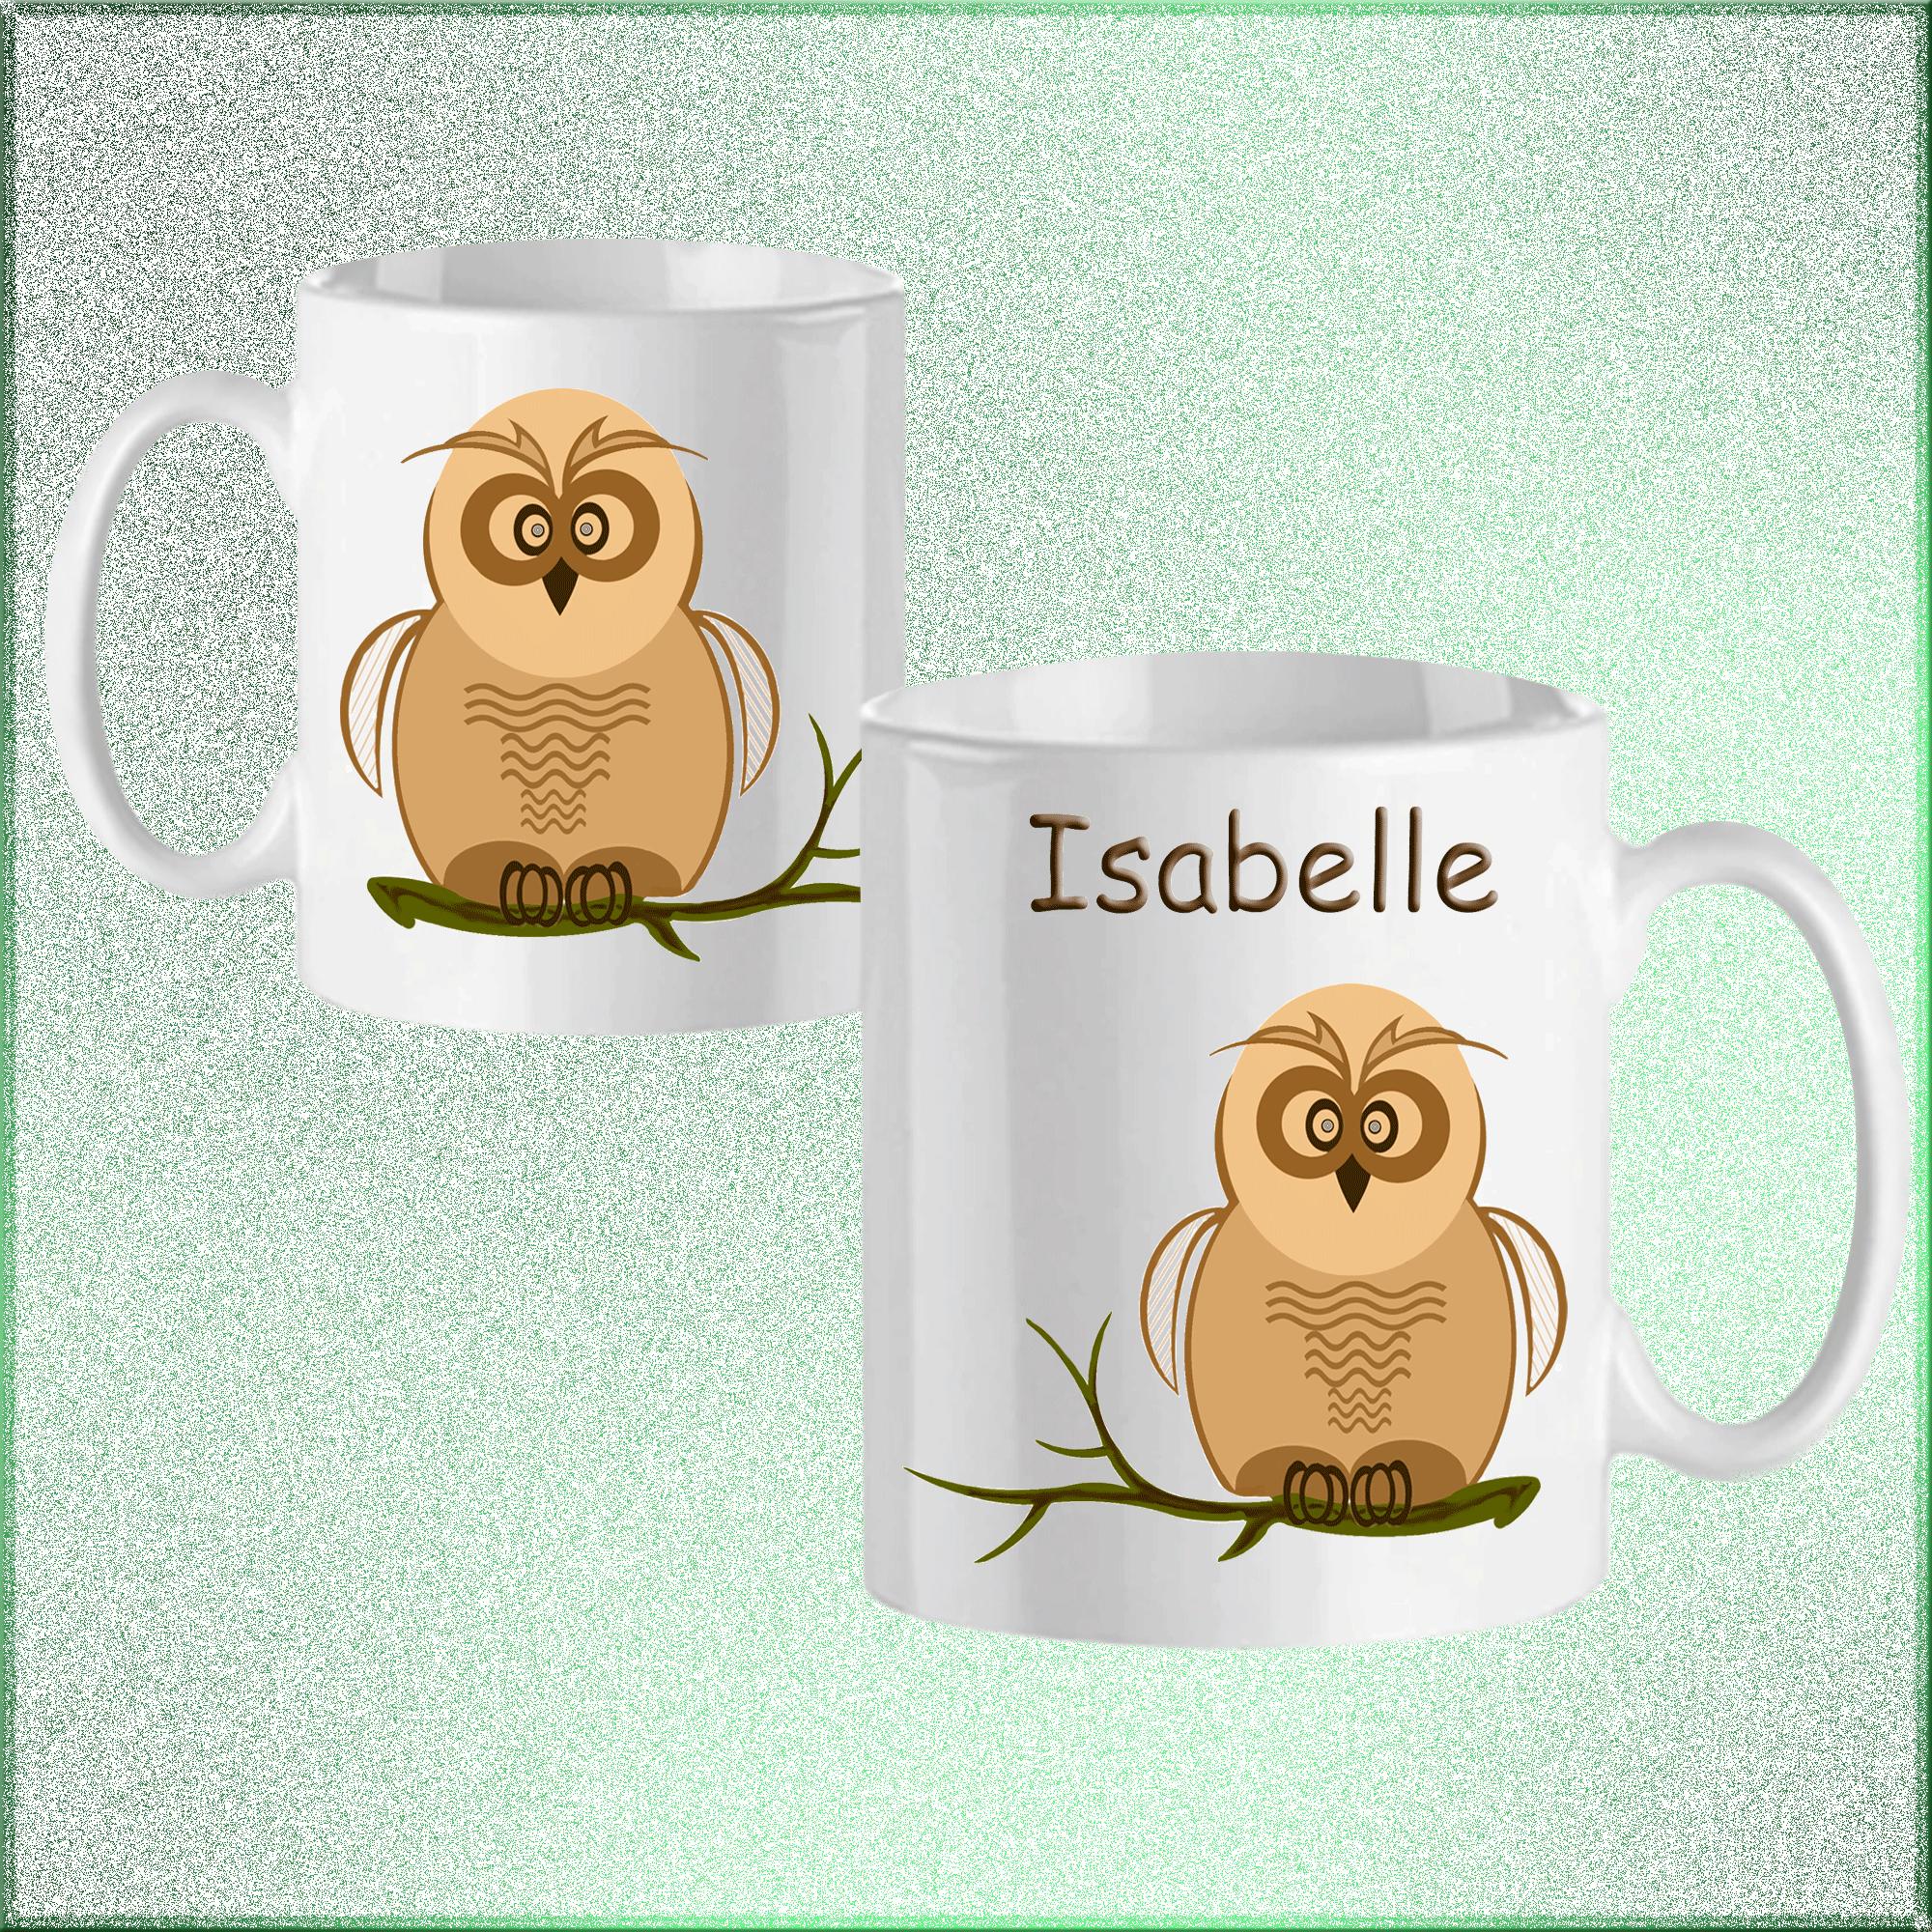 mug-chouette-prenom-personnalisable-personnalisation-personnalise-blanc-ceramique-tasse-animal-oiseau-rapace-nocturne-isabelle